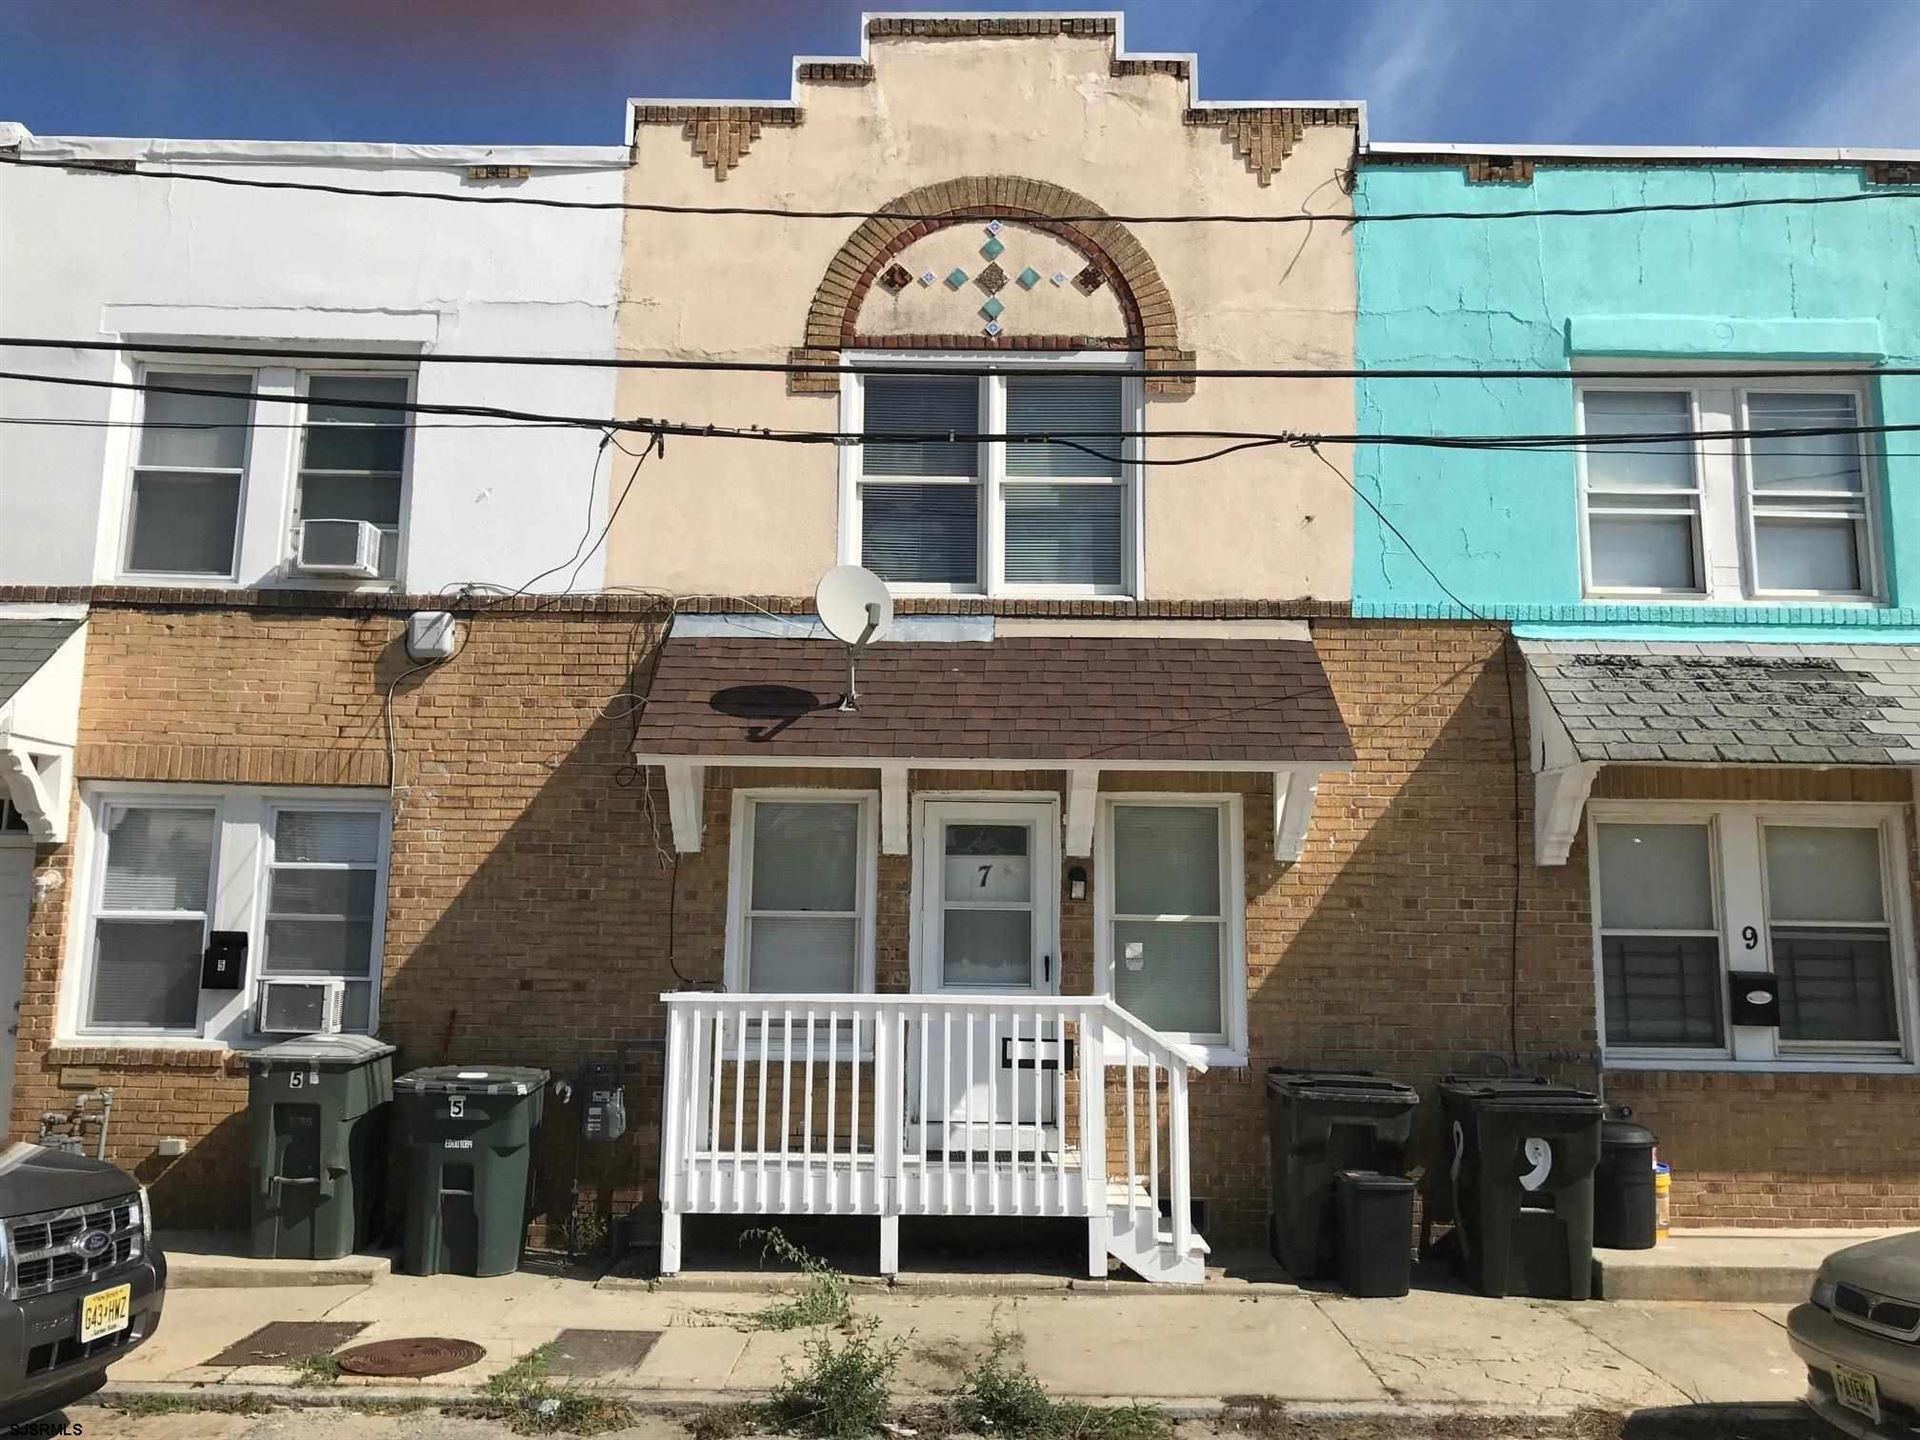 7 S Metropolitan Ave, Atlantic City, NJ 08401 - #: 556368